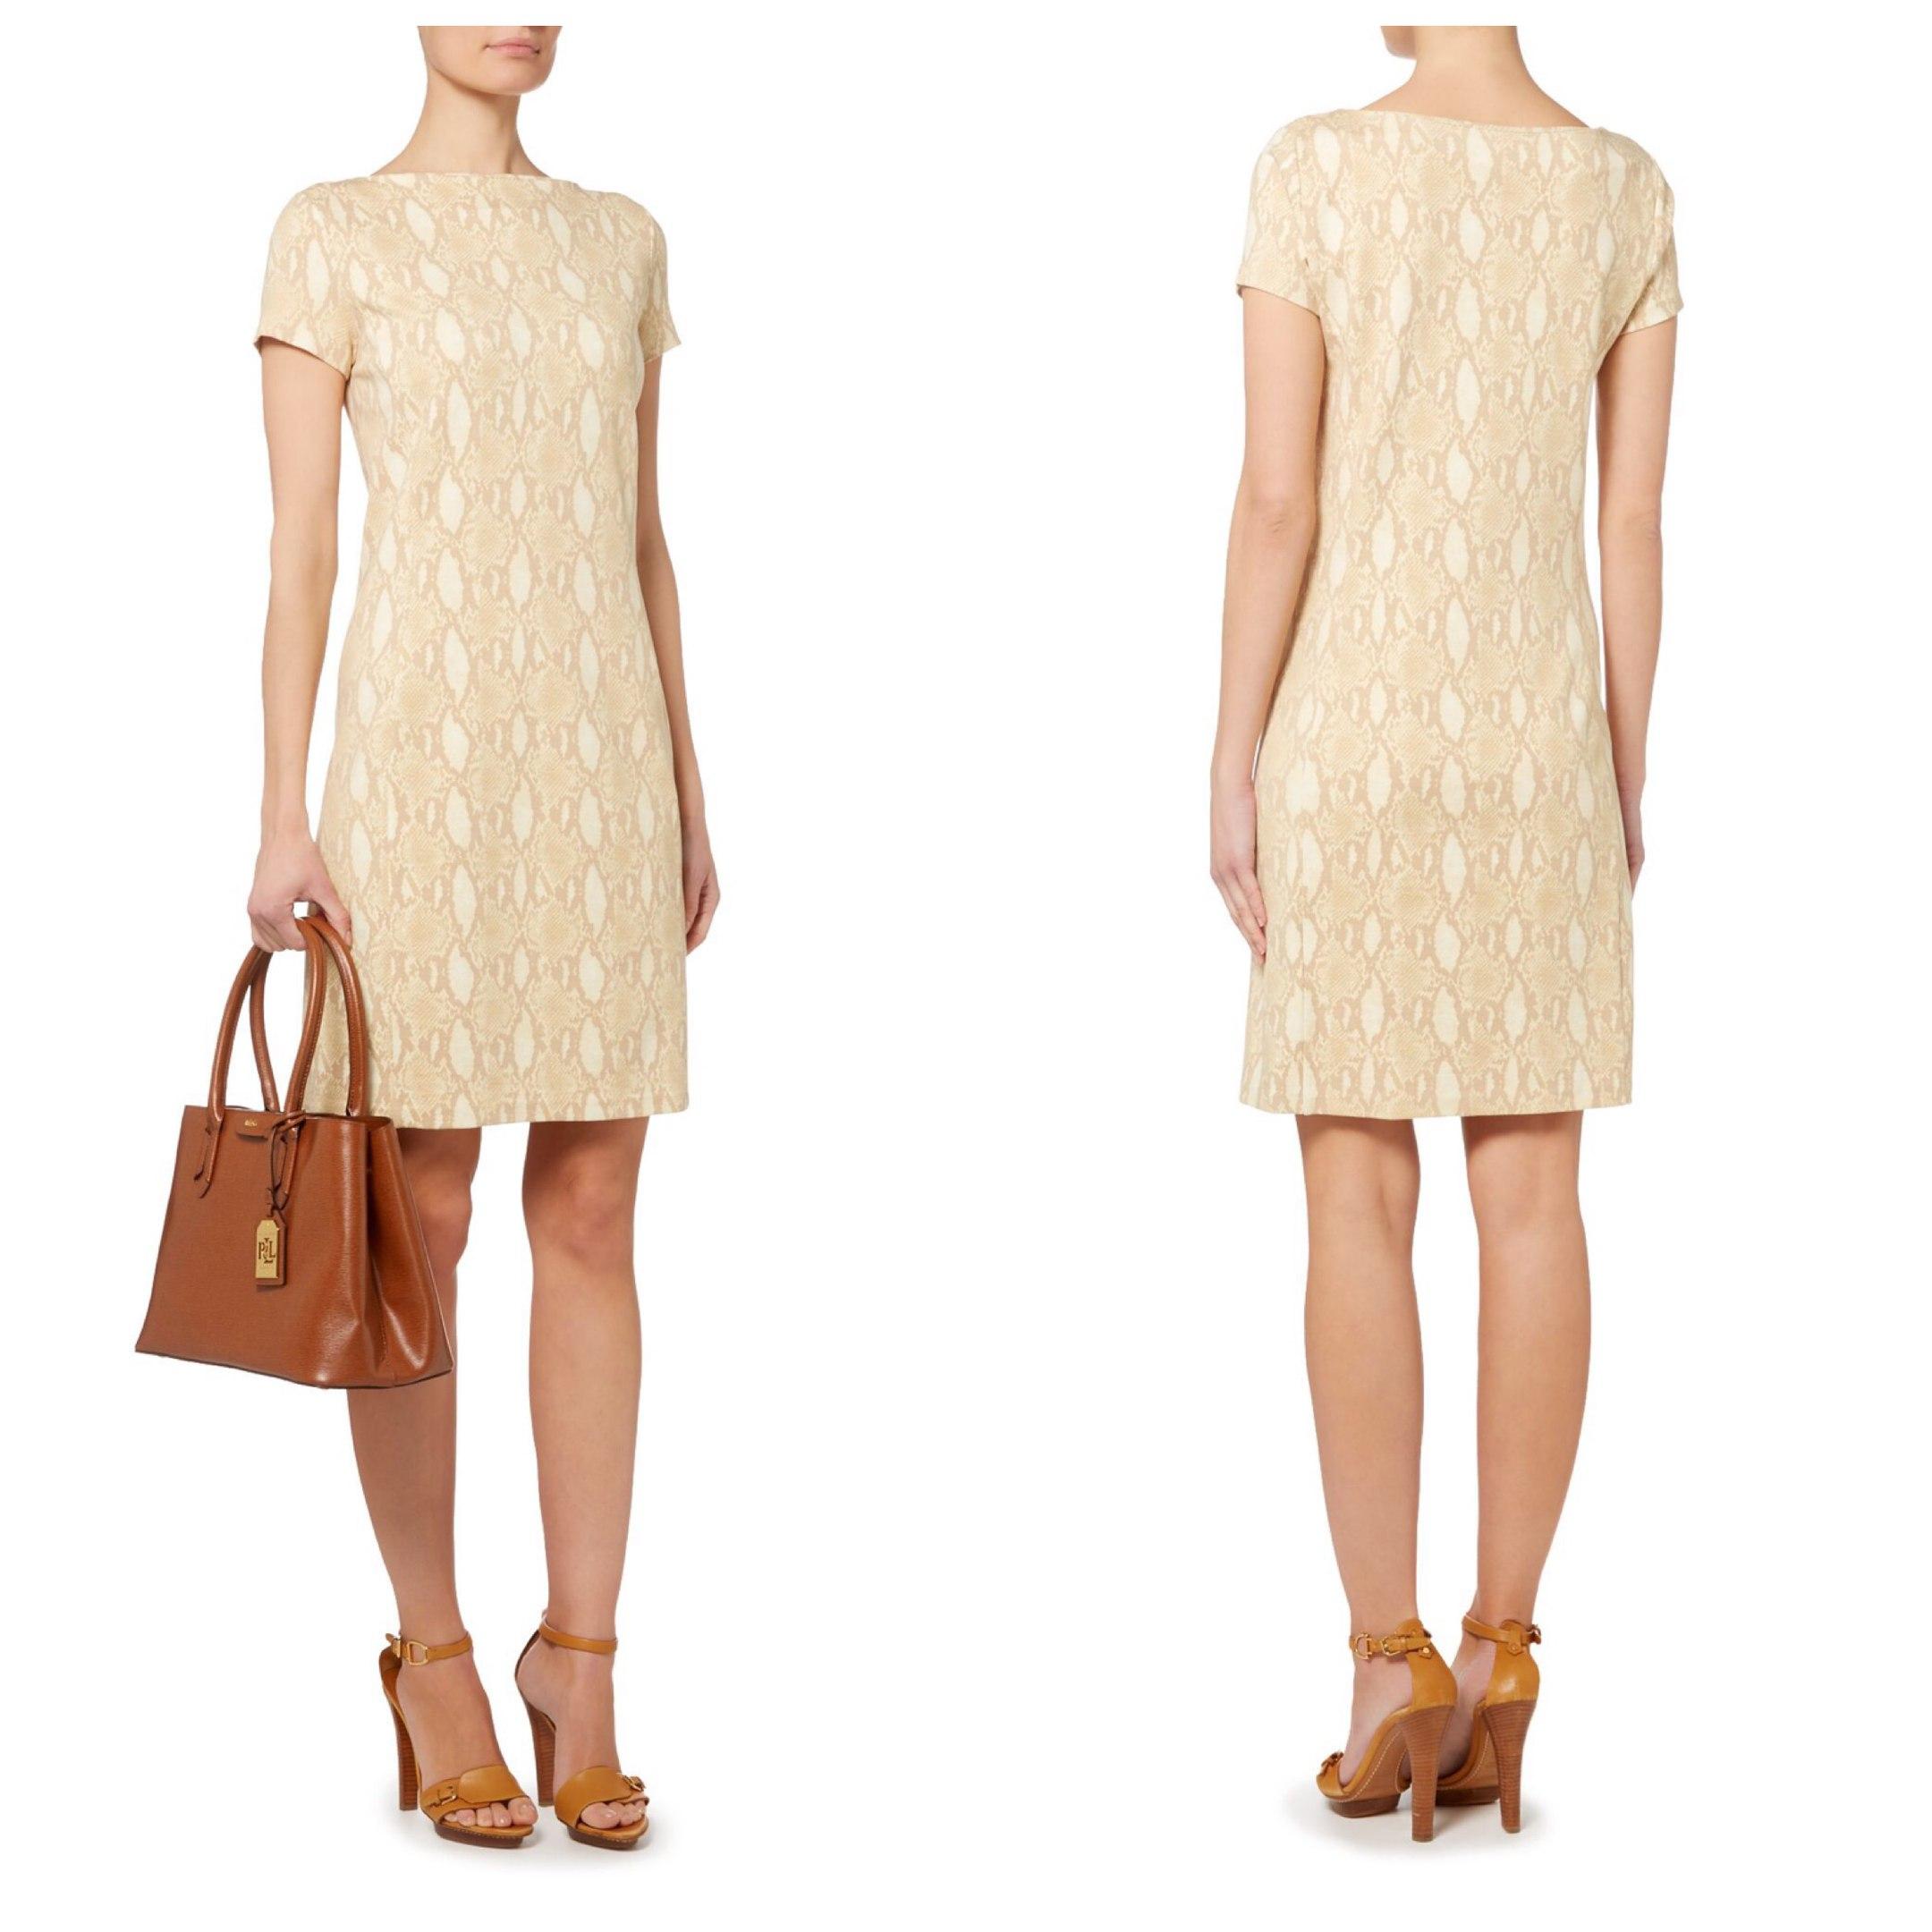 d5a6b33e60e Трикотажное платье футляр Lauren Ralph lauren - Friendly Brands